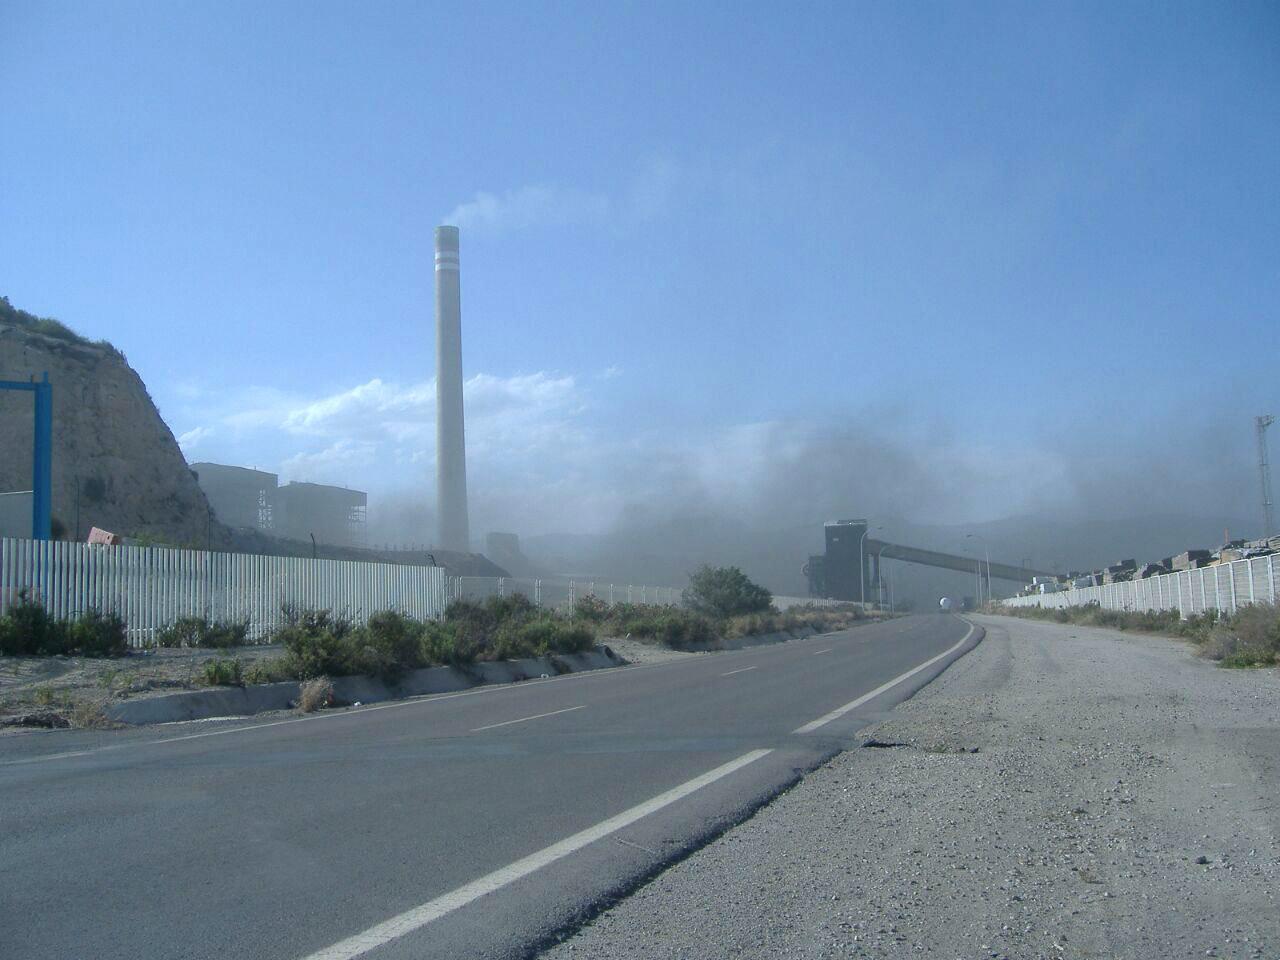 Vista de las instalaciones de Endesa en Carboneras (Almería).